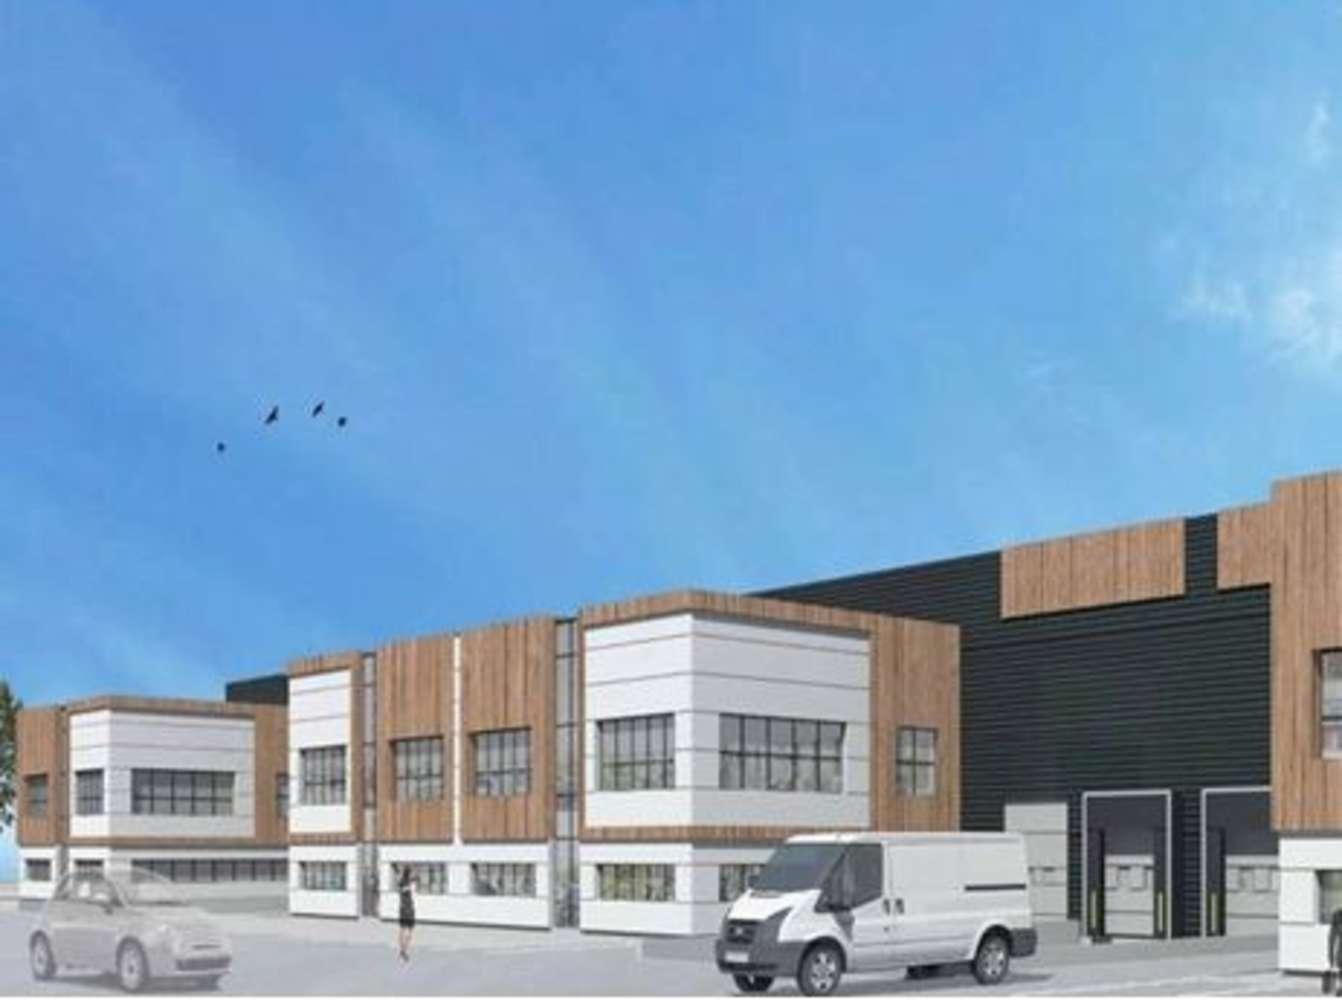 Activités/entrepôt Roissy en france, 95700 - AEROLIA - 10487615